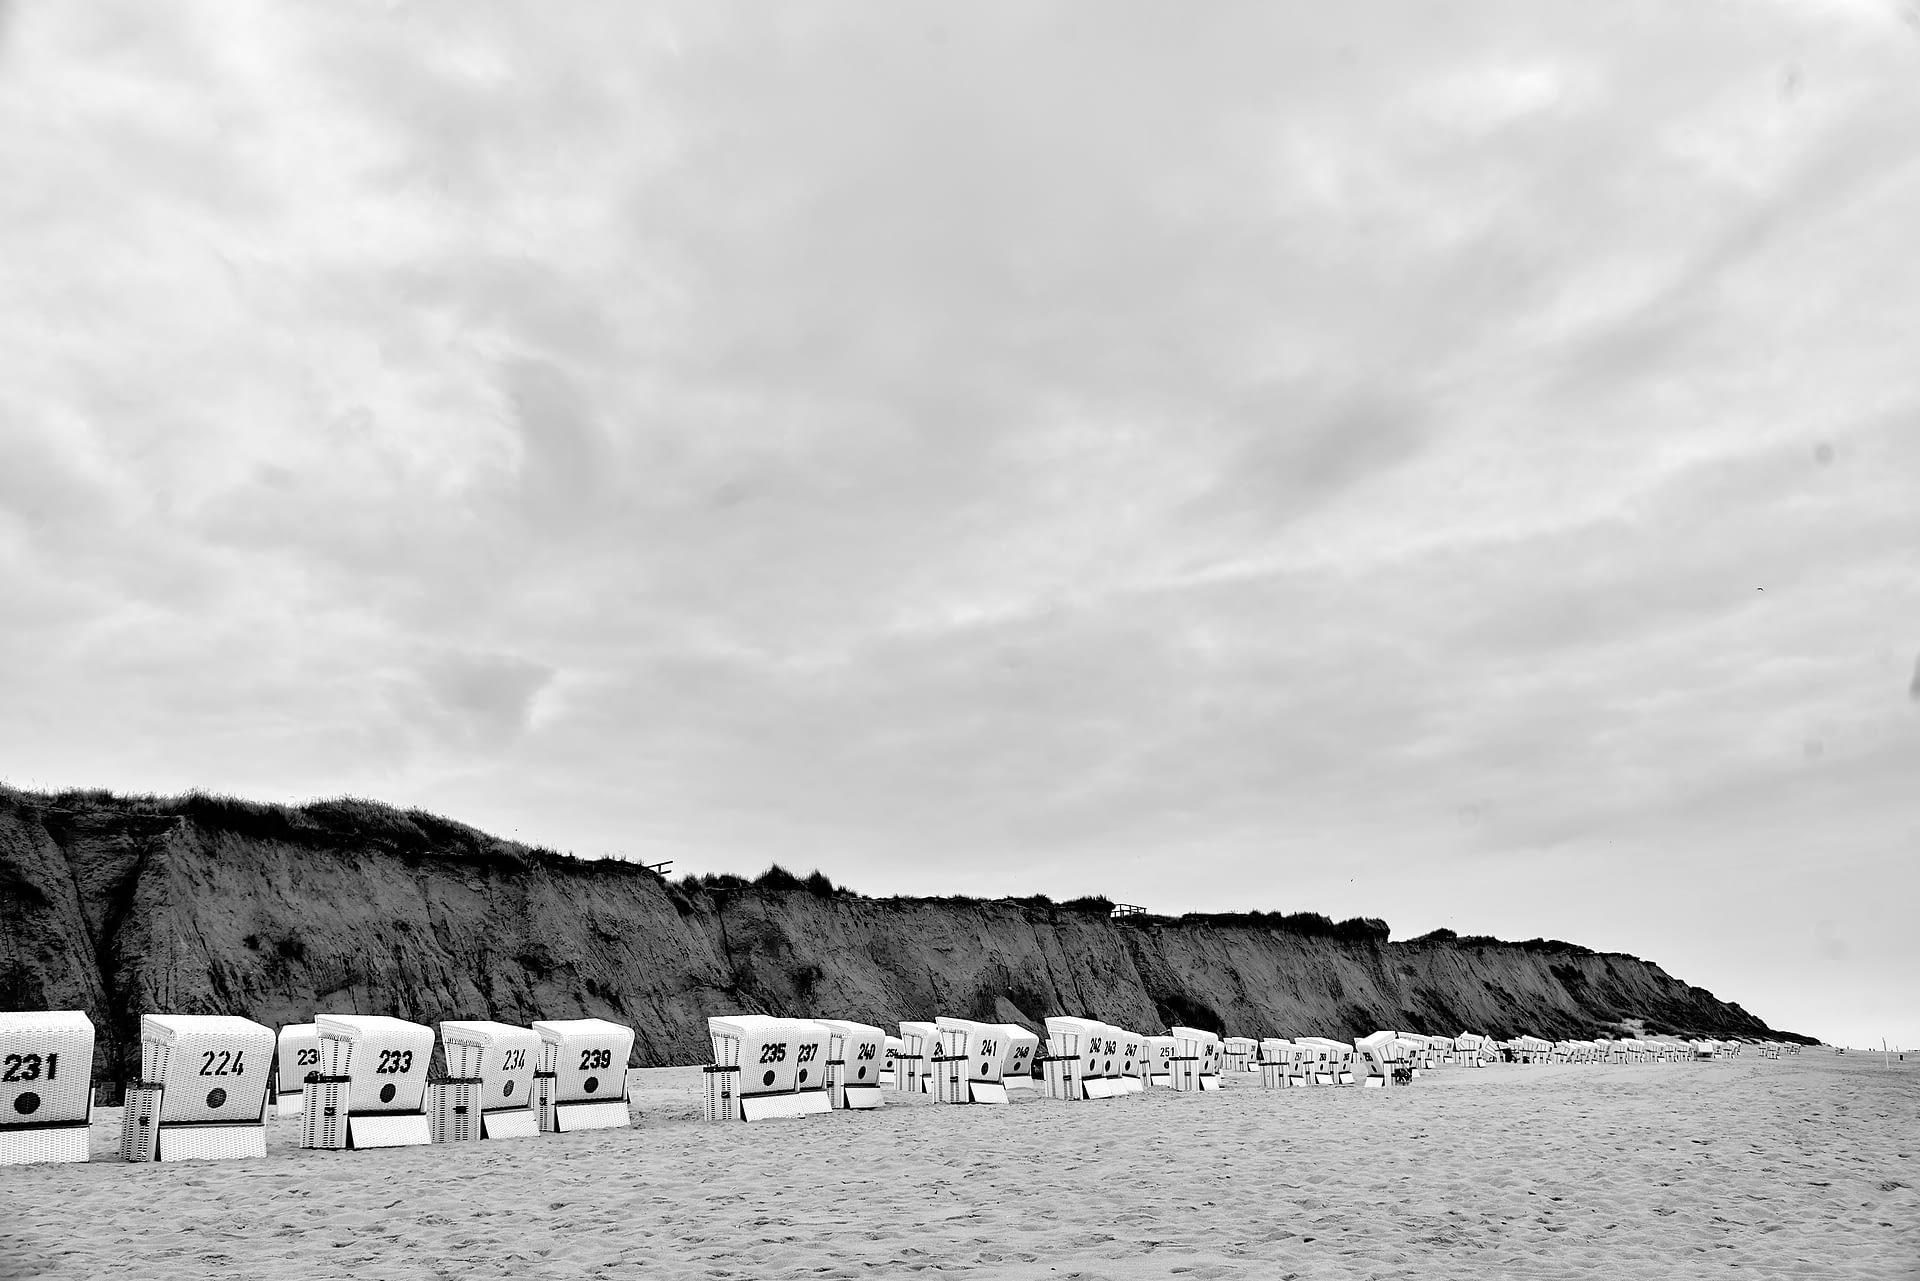 Sylt | Landschaftsbilder mit ohne Menschen 1